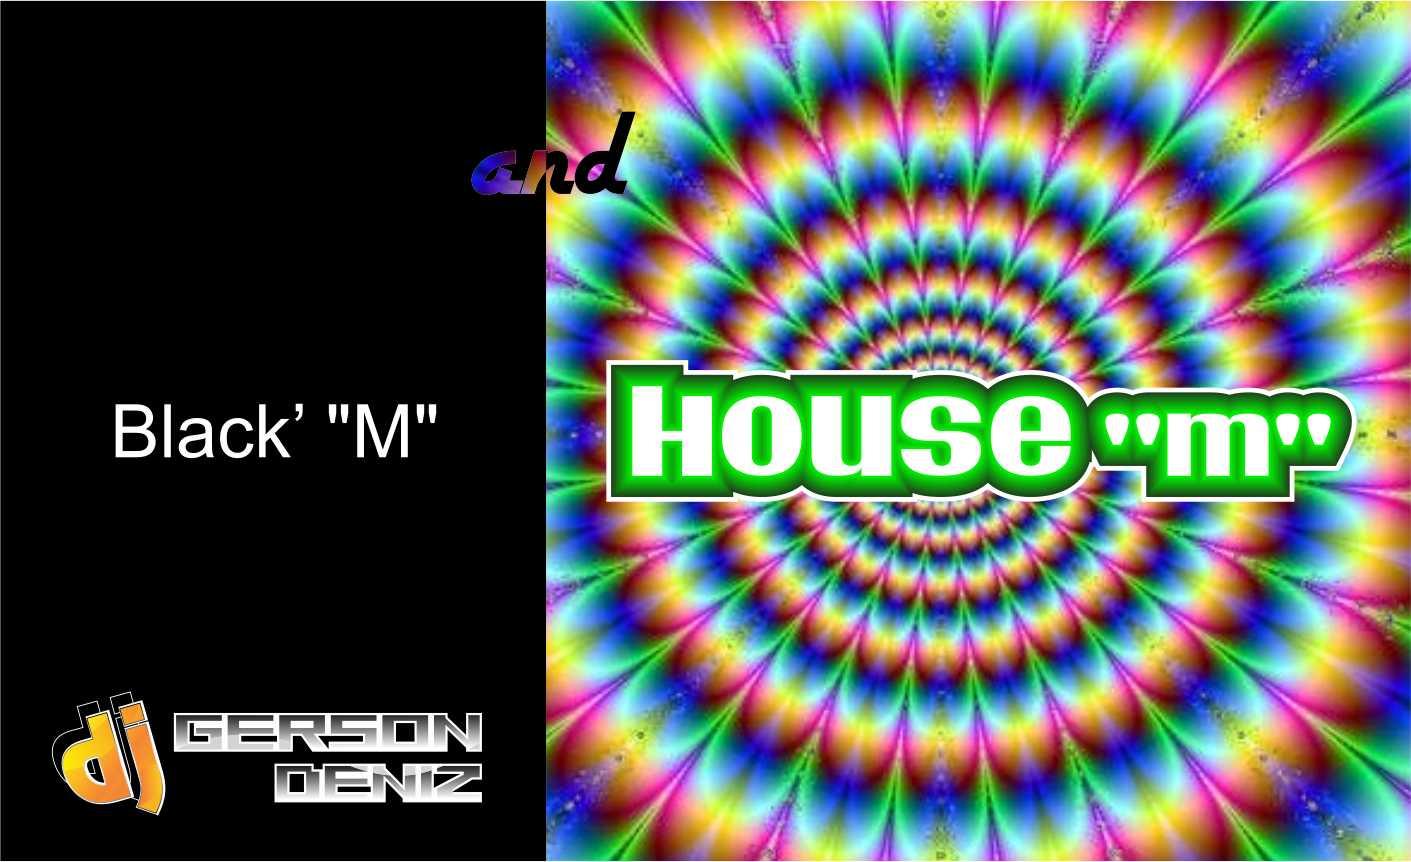 http://2.bp.blogspot.com/-PO6wycCqkxc/TsZLSS3ZhnI/AAAAAAAAA_k/_vbxn-g-OL4/s1600/black+house.jpg